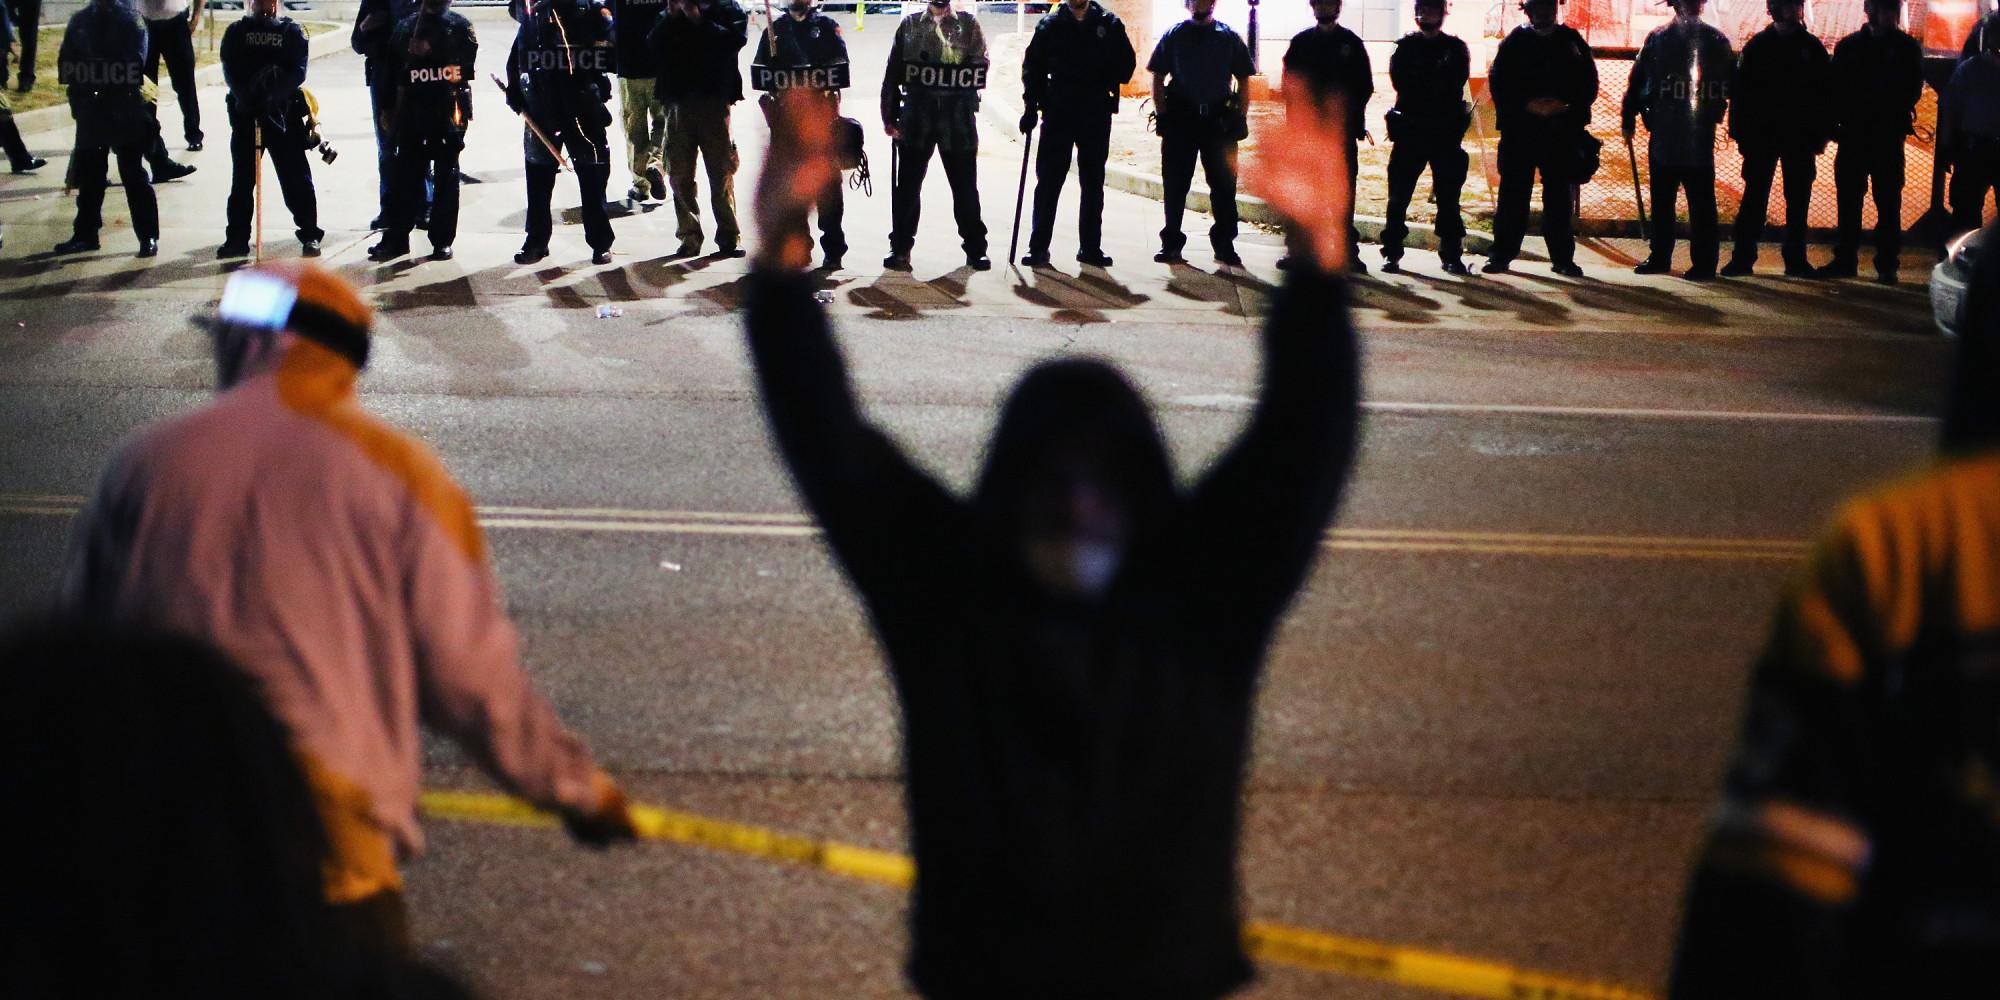 Protest Tactics Drill Protest Tactics